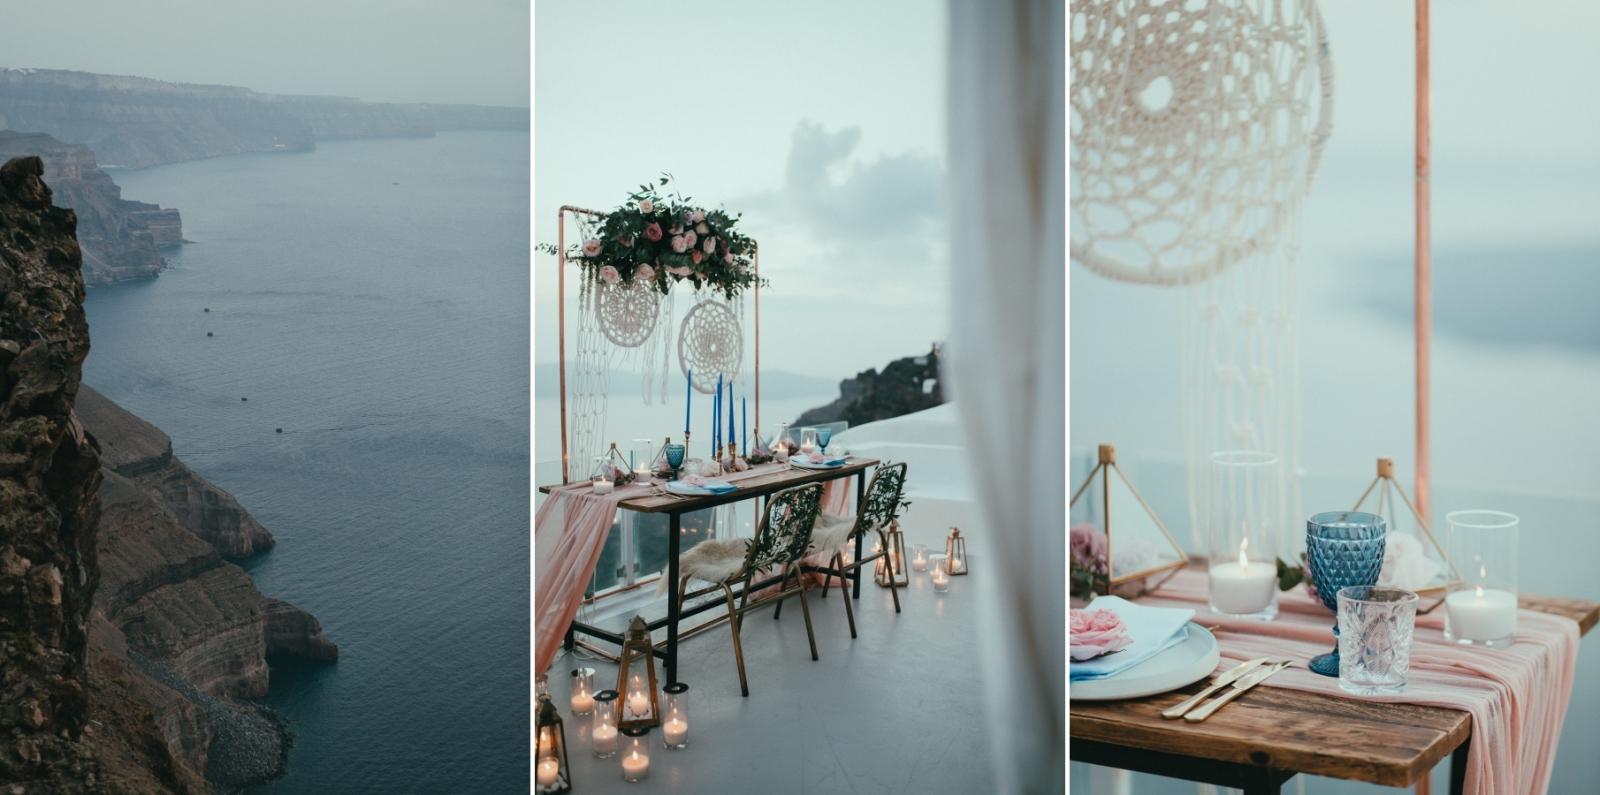 santorini-wedding-photographer83.jpg